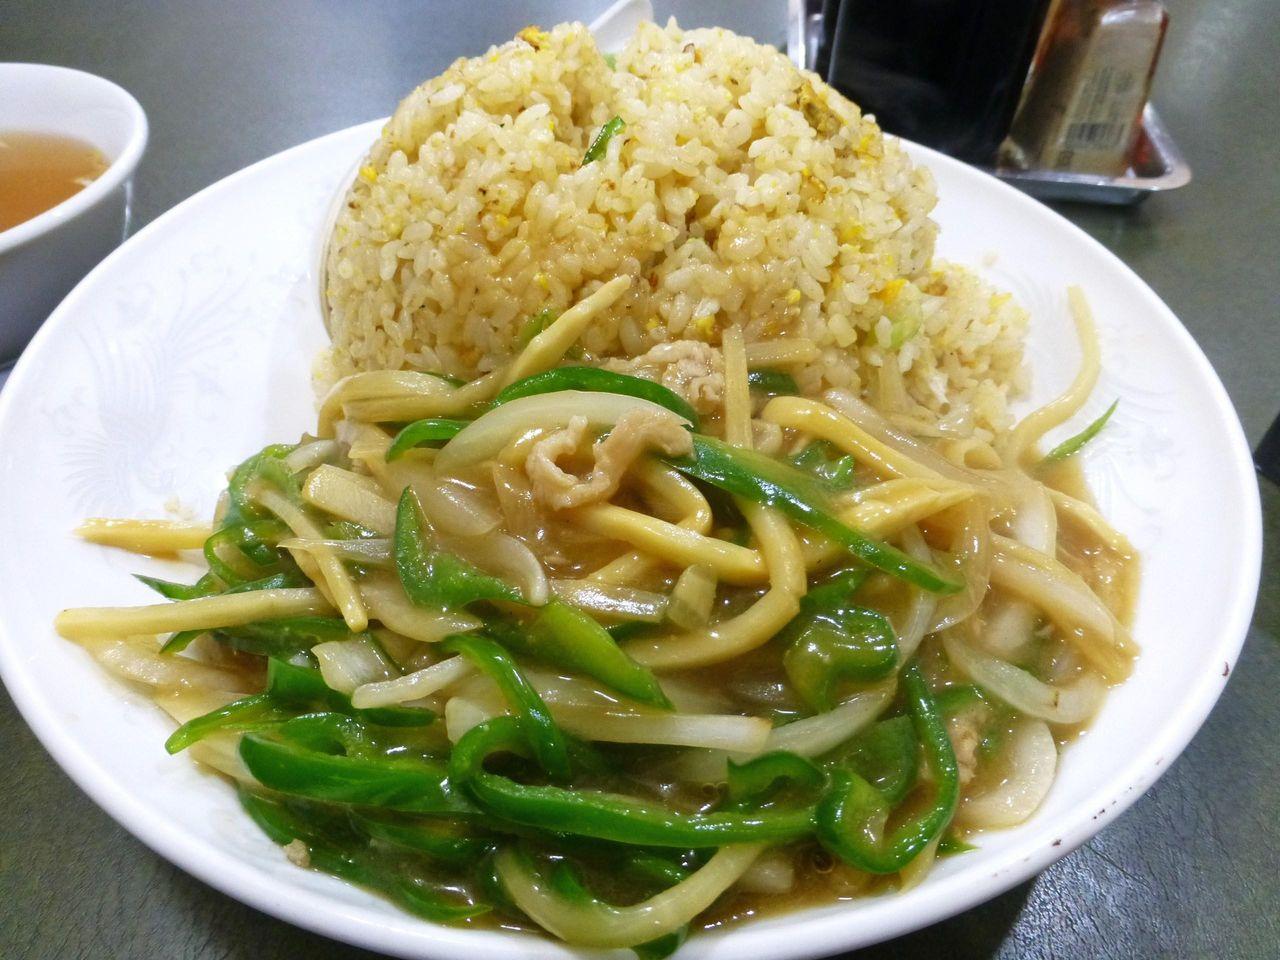 ぶん華ランチ大盛は、野菜もタップリ補給できます!